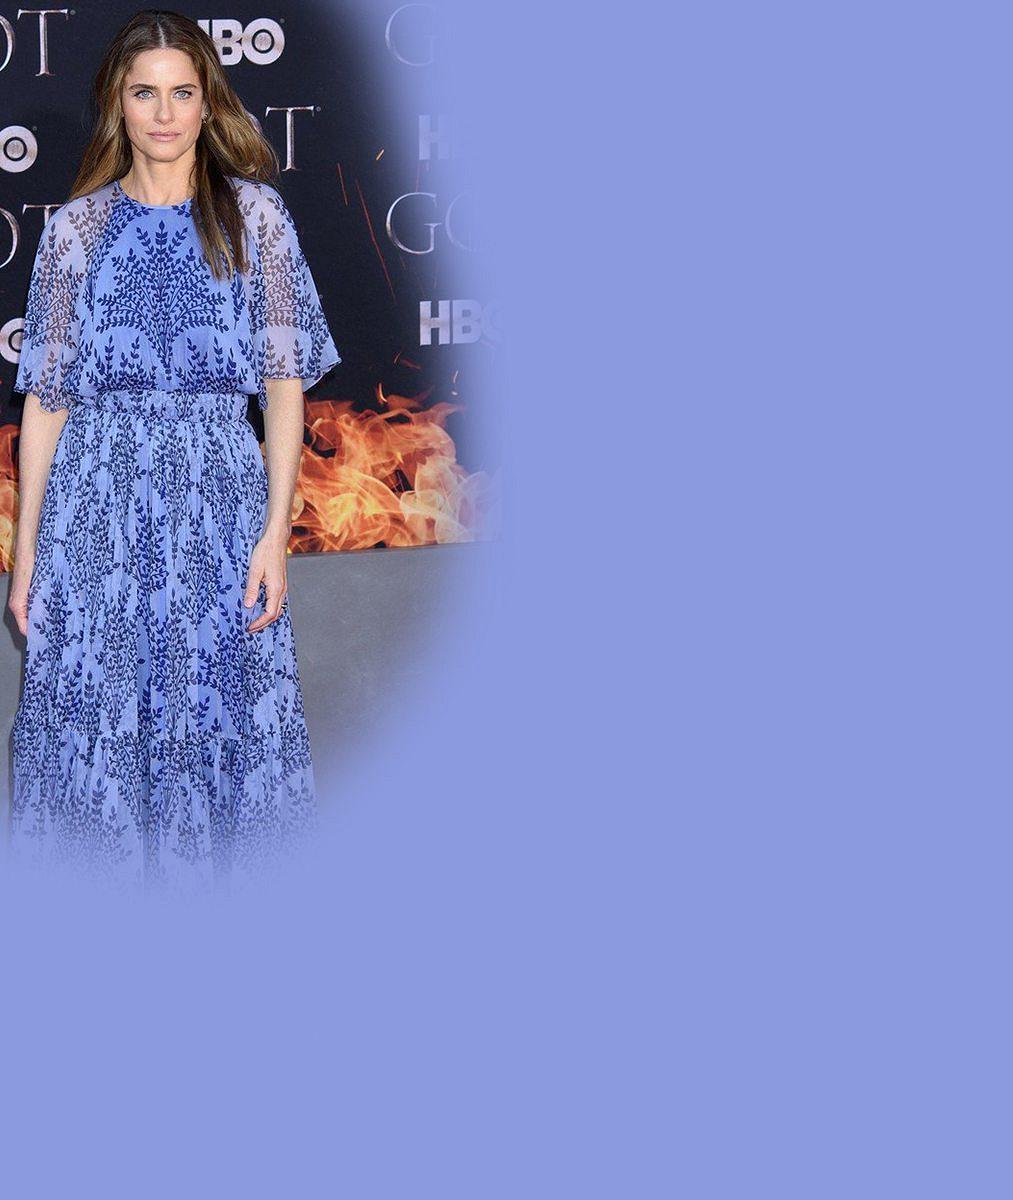 3krásky ve stejných šatech za 100tisíc: Oblékla je modelka, herečka ivévodkyně Meghan